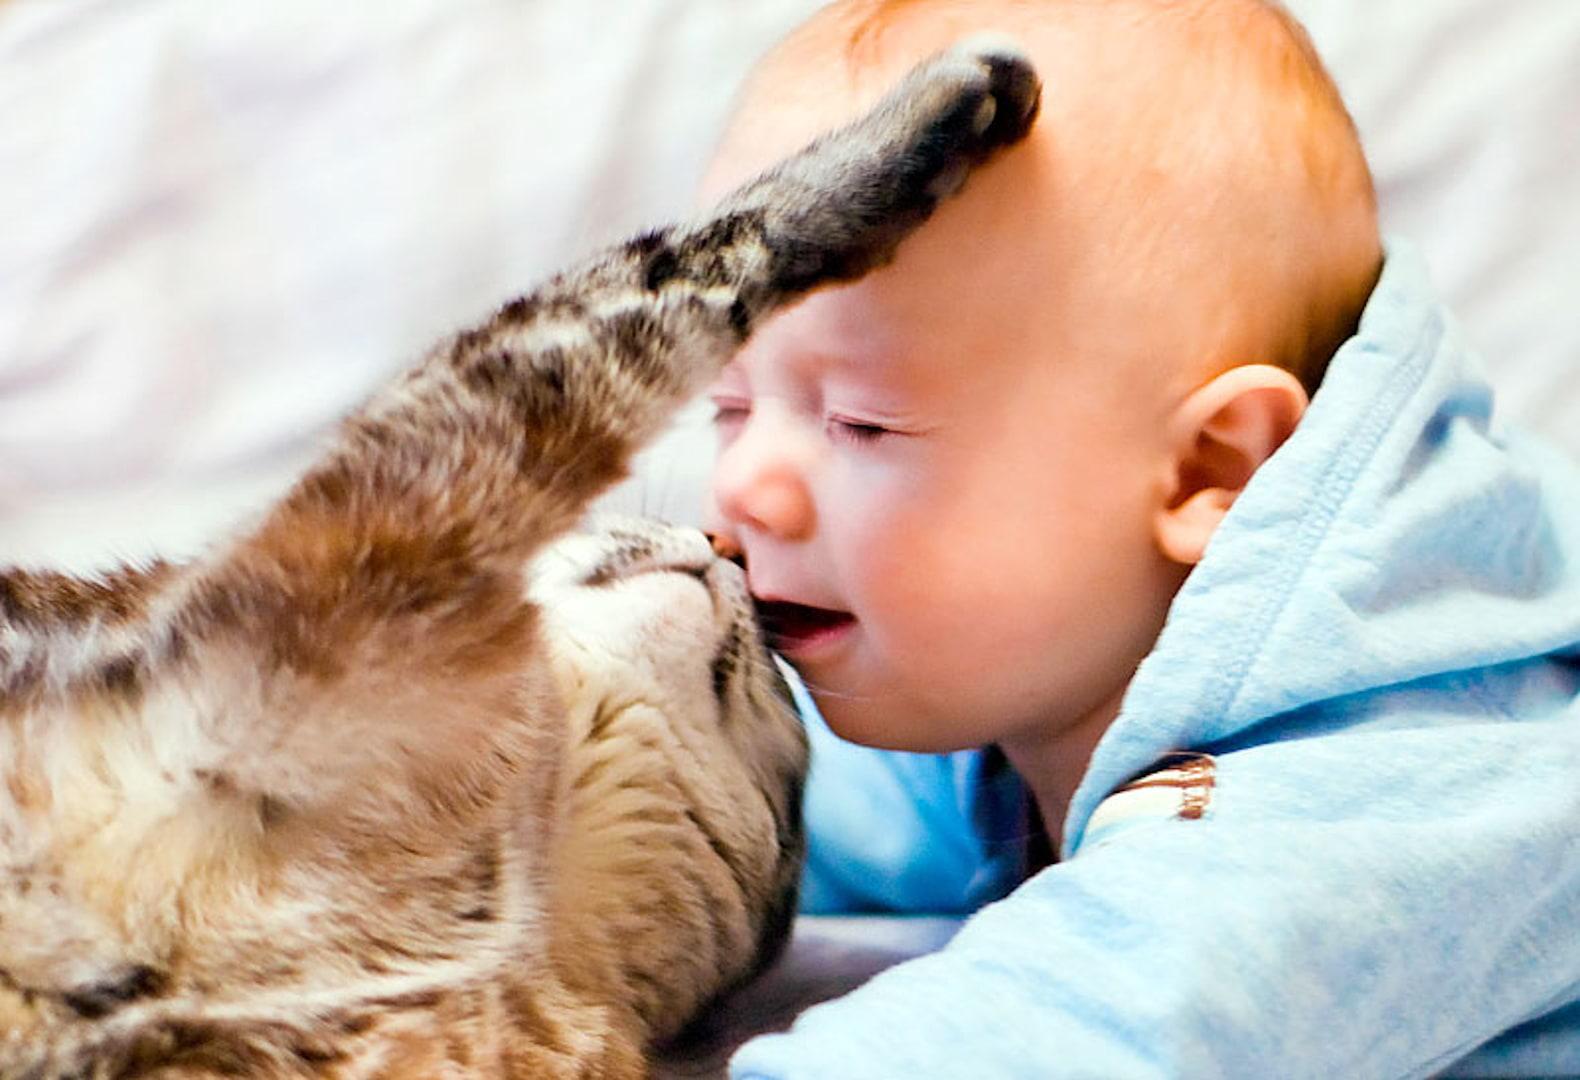 Аллергический насморк у ребенка – симптомы и лечение ринита